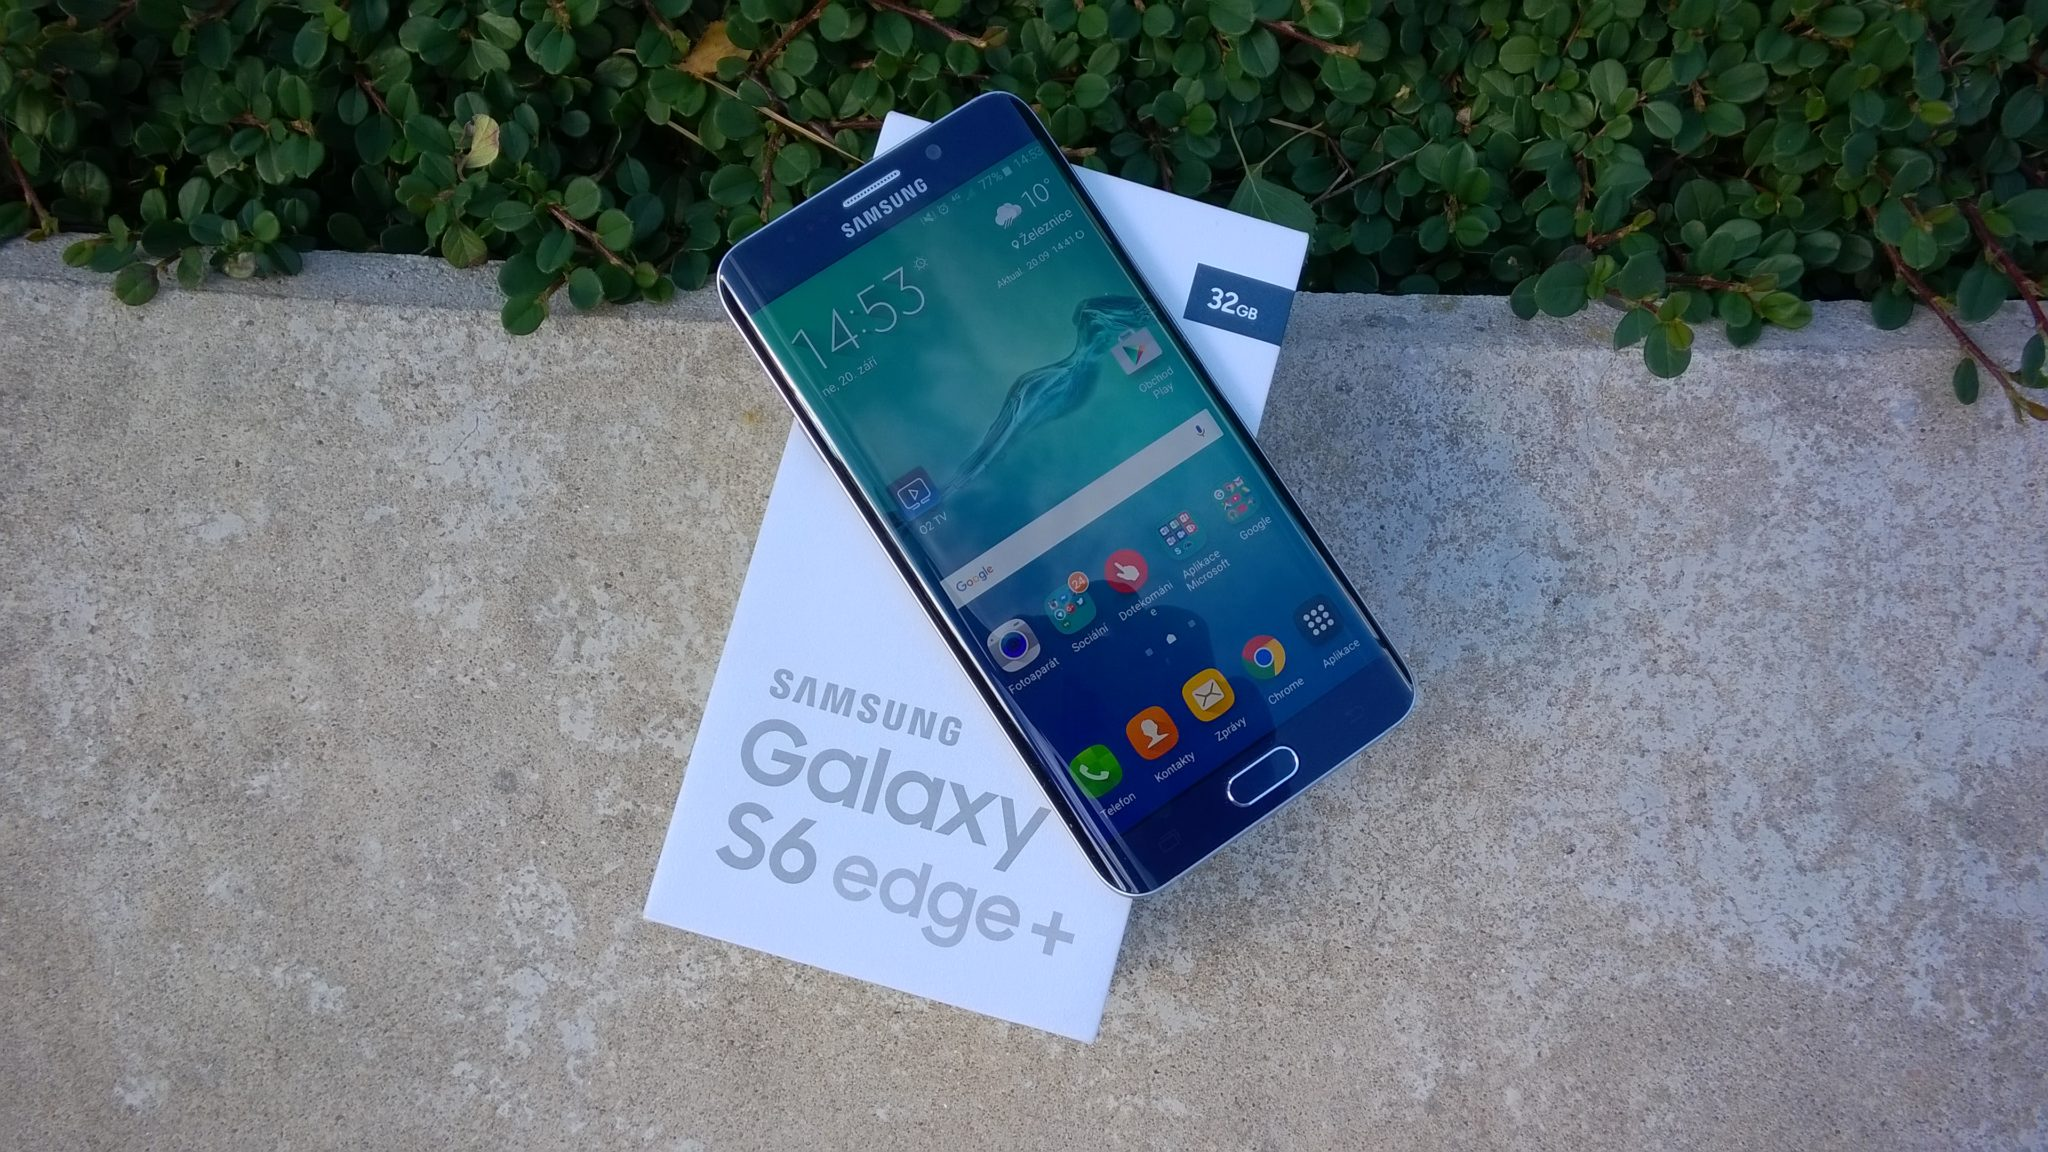 Samsung Galaxy S6 edge+ – výjimečný design, nekompromisní výkon [recenze]